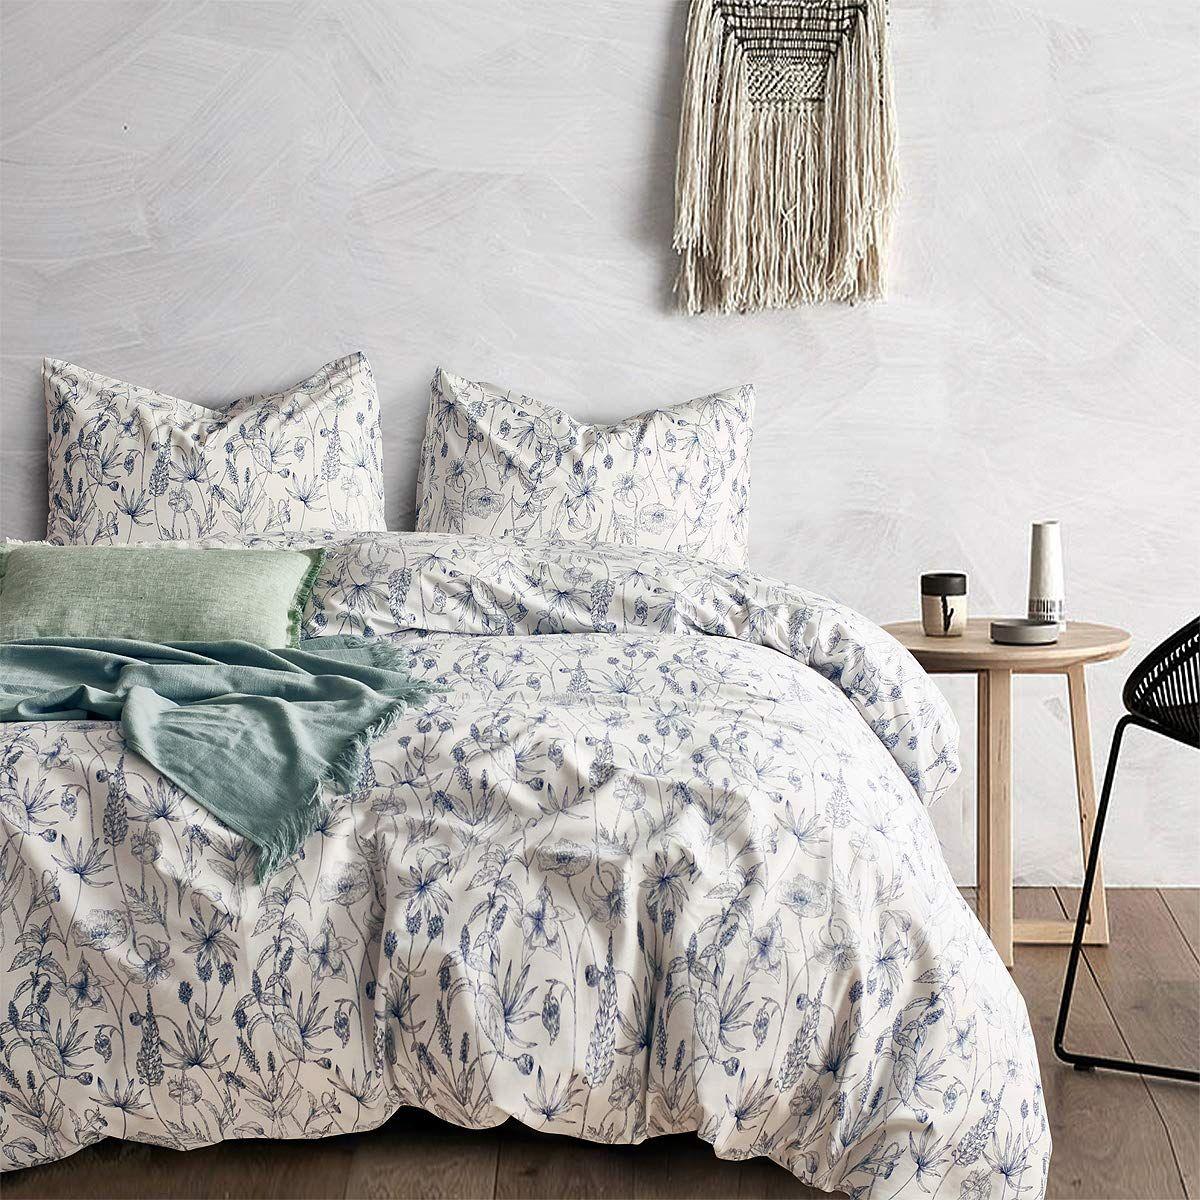 Amazon Com Opcloud Bedding Duvet Cover Set 600tc Queen Cotton Luxury Soft Floral Comforter Cover Set 1 Du Duvet Cover Sets Rustic Duvet Cover Bed Duvet Covers What is a duvet cover set